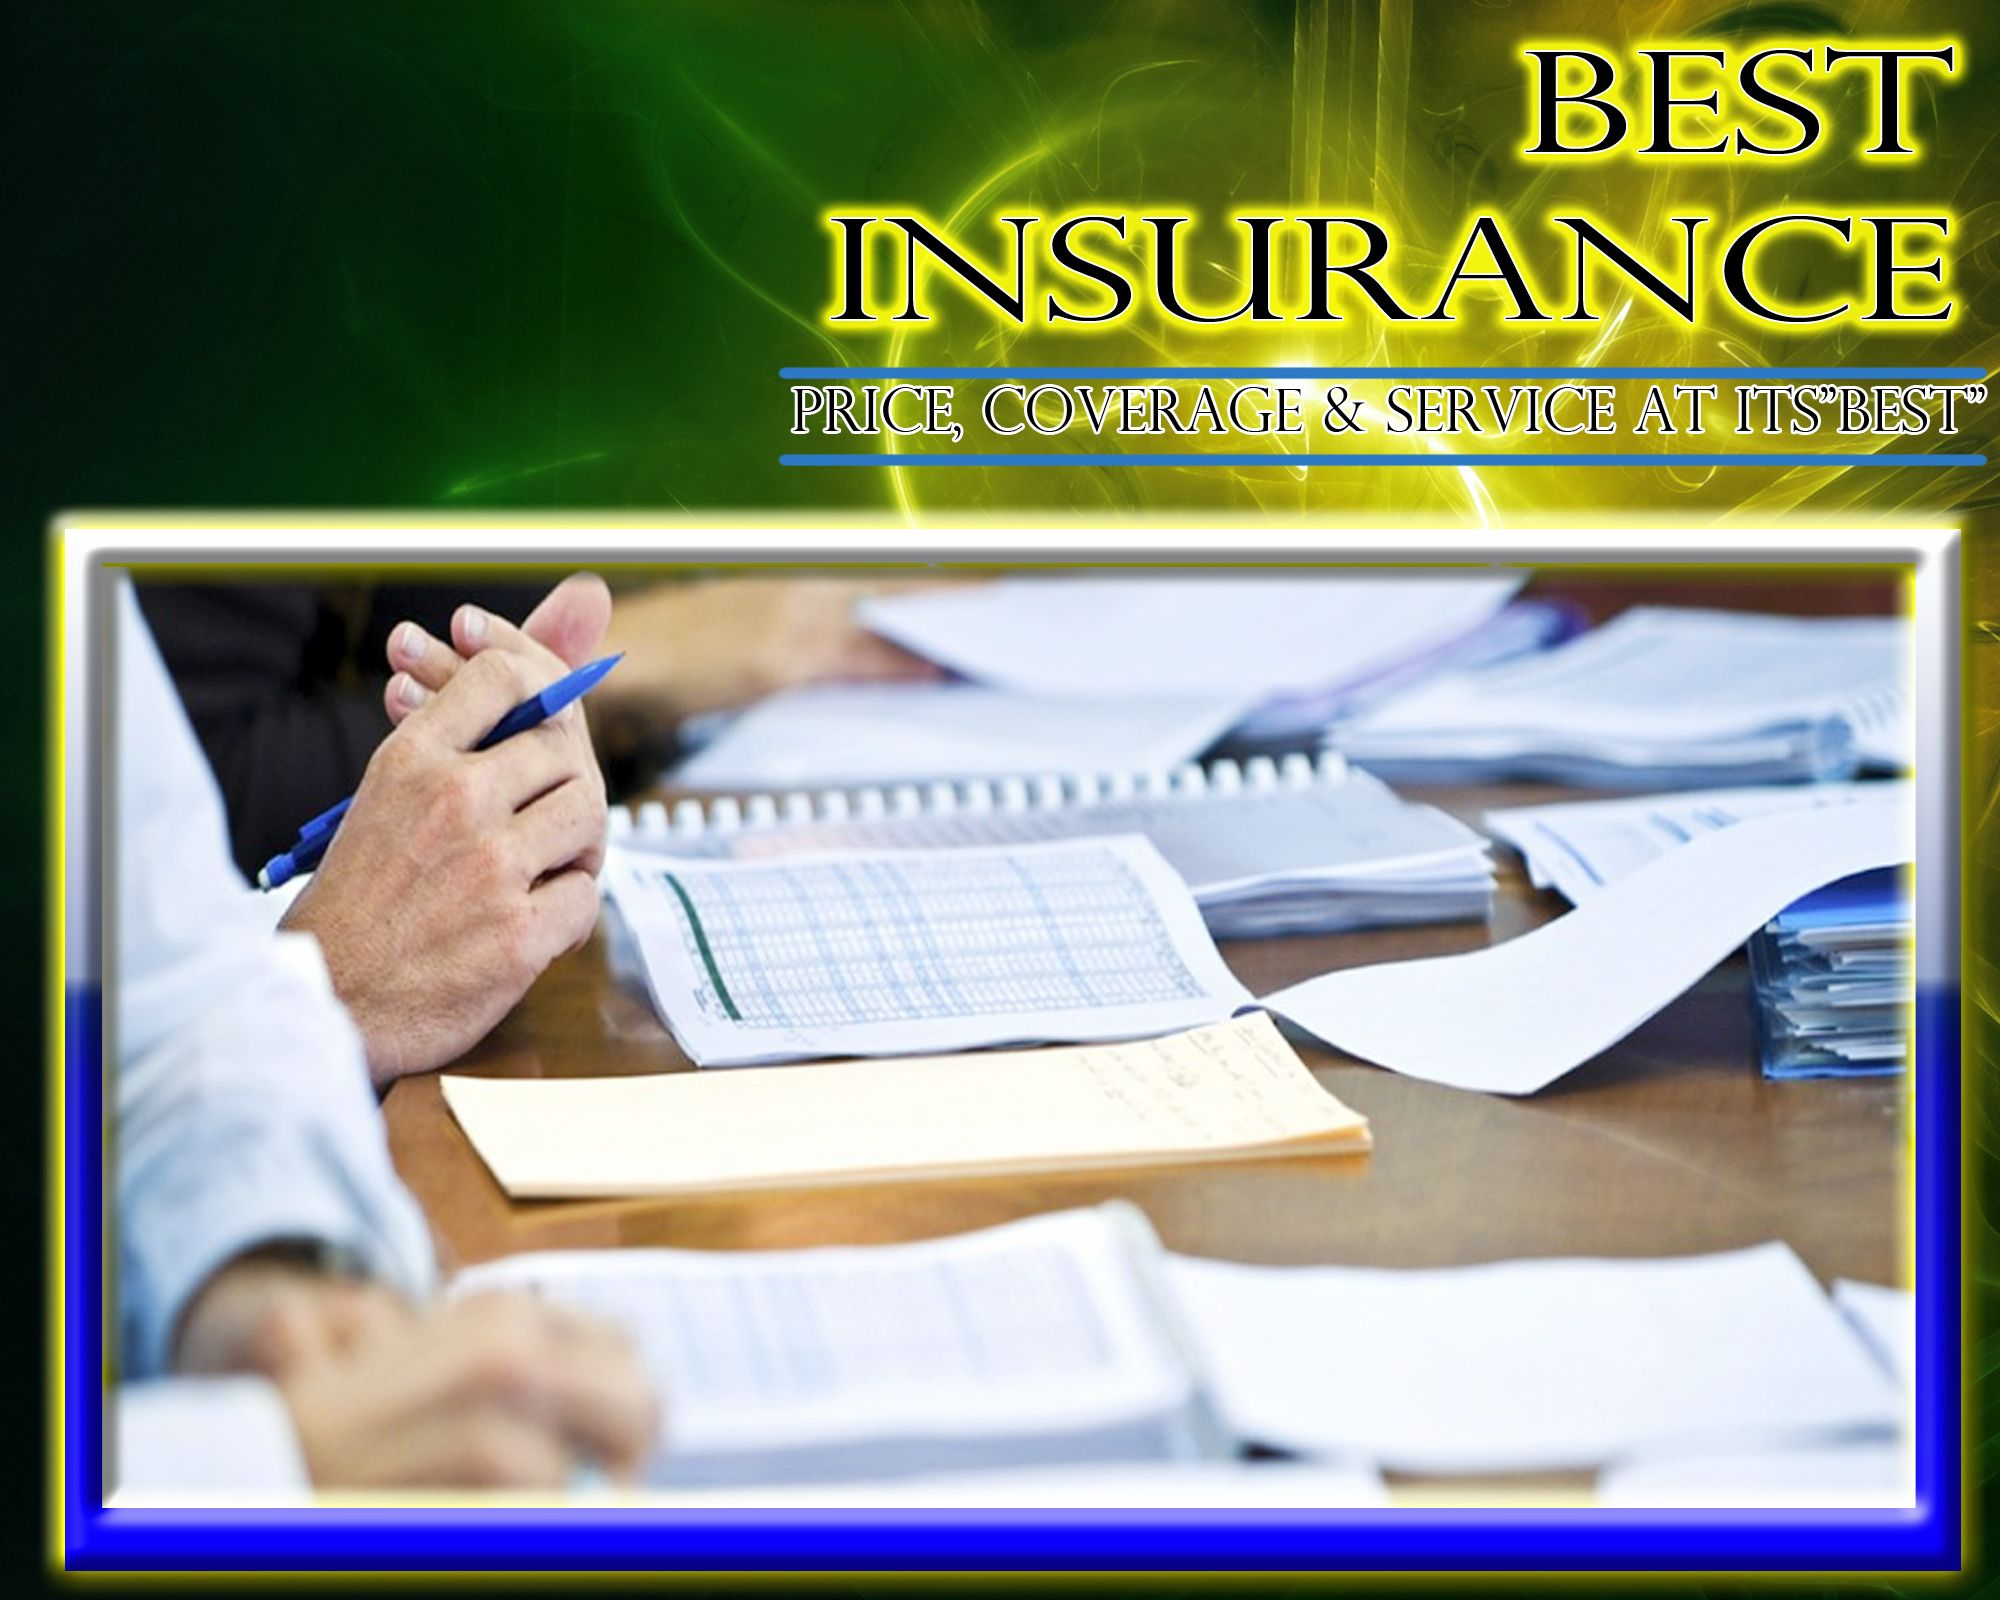 #HomeOwnersInsuranceFortLauderdale M Insurance | Best ...